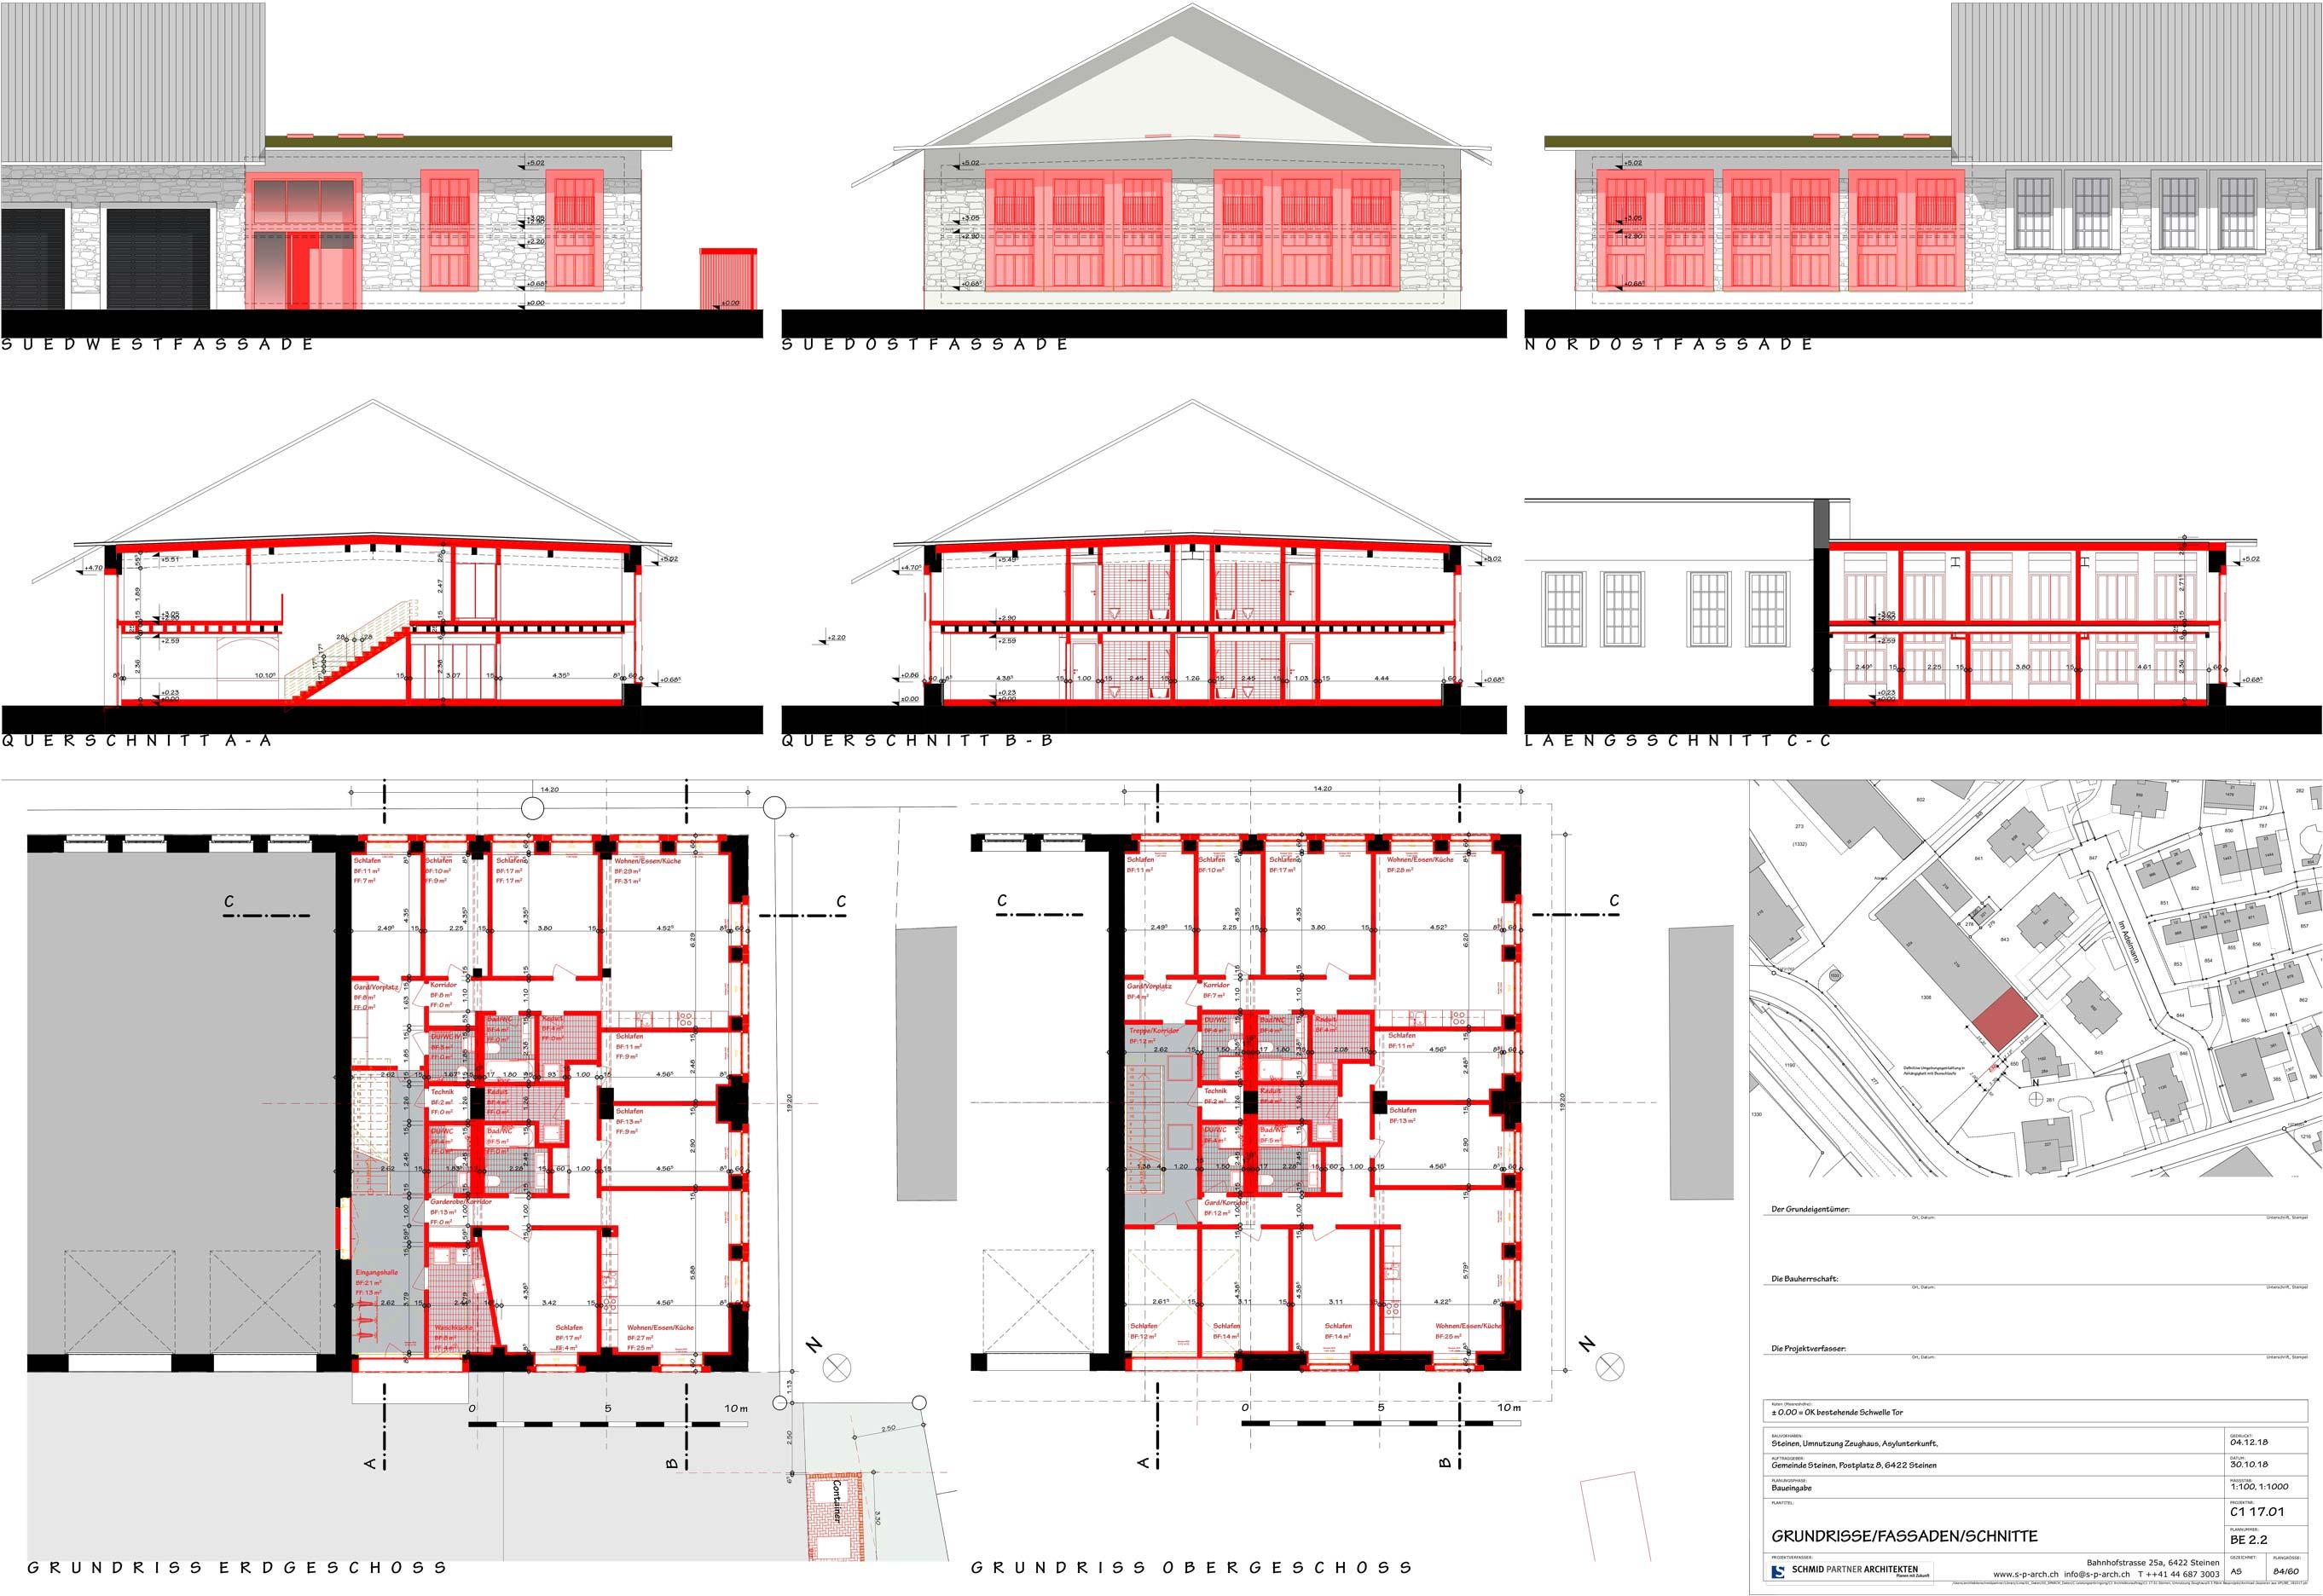 Schmid Partner Architekten Bauerneuerung C11701 BE 2.2 GRUNDRISSE FASSADEN SCHNITTE